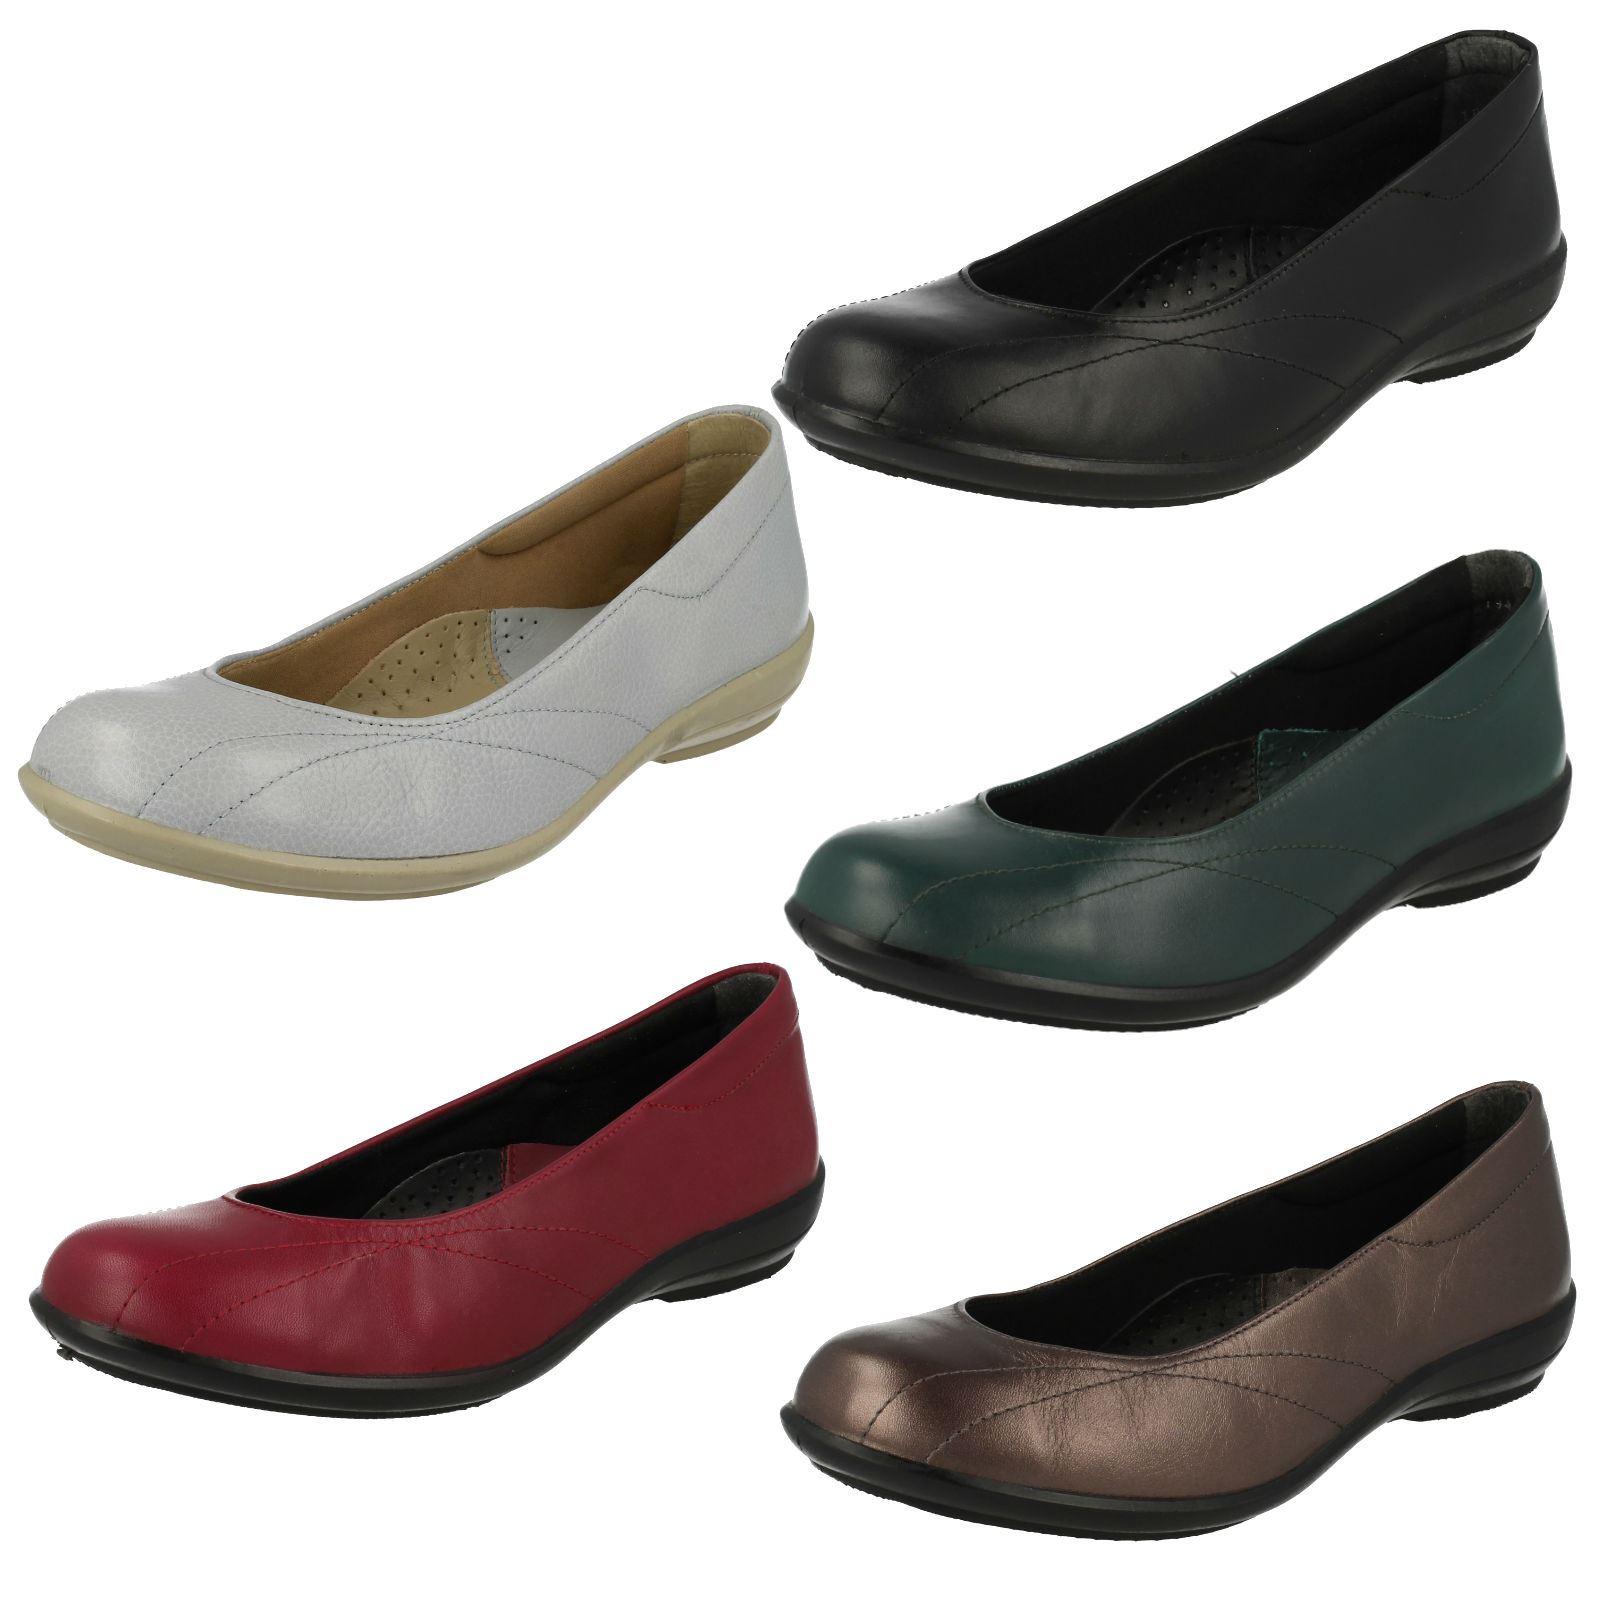 Mujer Easy Easy Easy B Corte Ancho Zapato Plano Honiton  barato